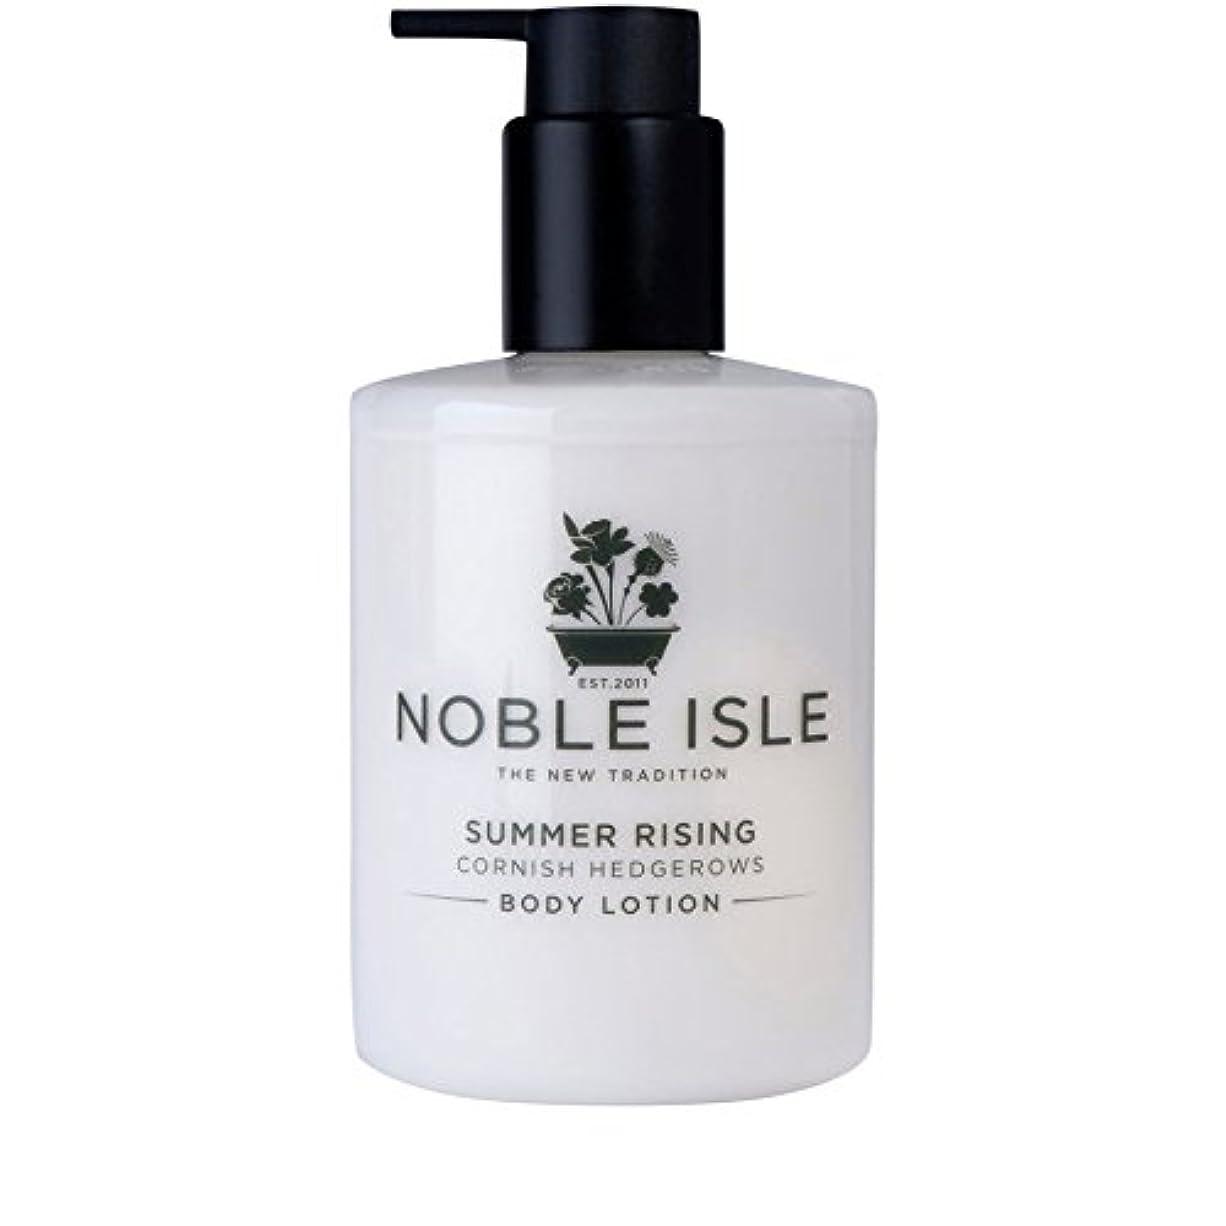 手順関係ないぼんやりしたコーニッシュ生け垣ボディローション250ミリリットルを上昇高貴な島の夏 x4 - Noble Isle Summer Rising Cornish Hedgerows Body Lotion 250ml (Pack of...